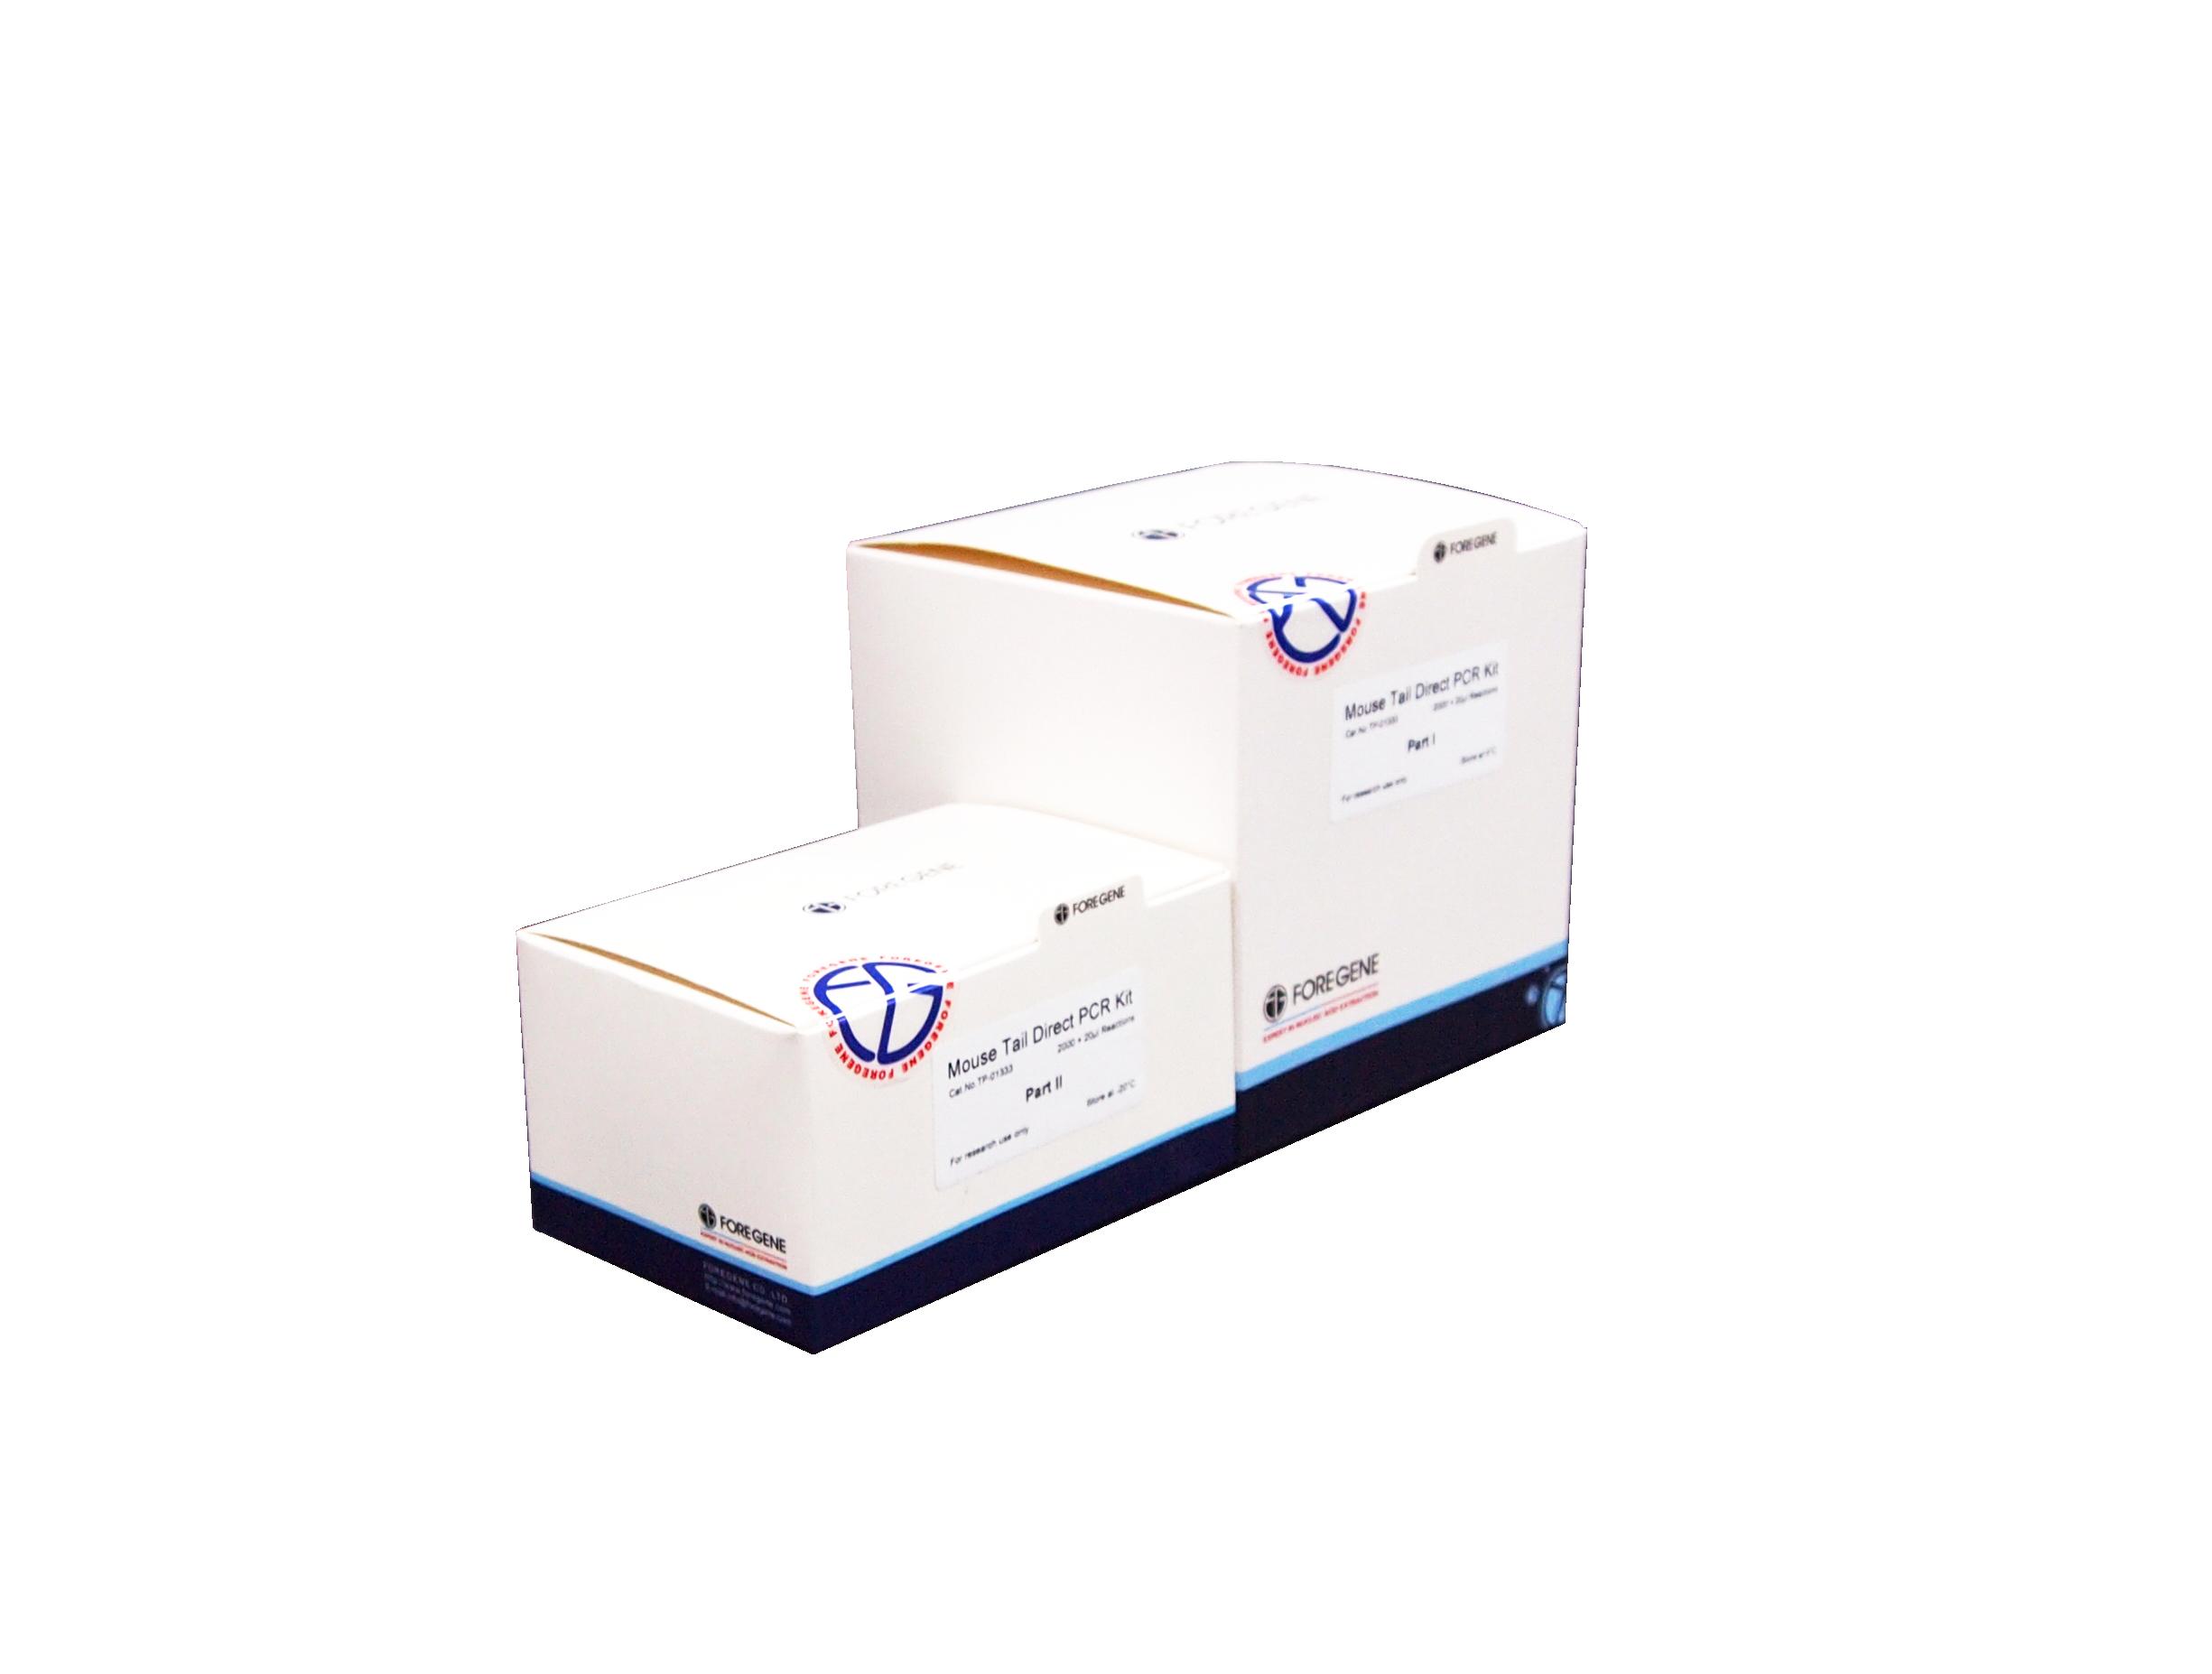 鼠尾直接PCR试剂盒(常温裂解)